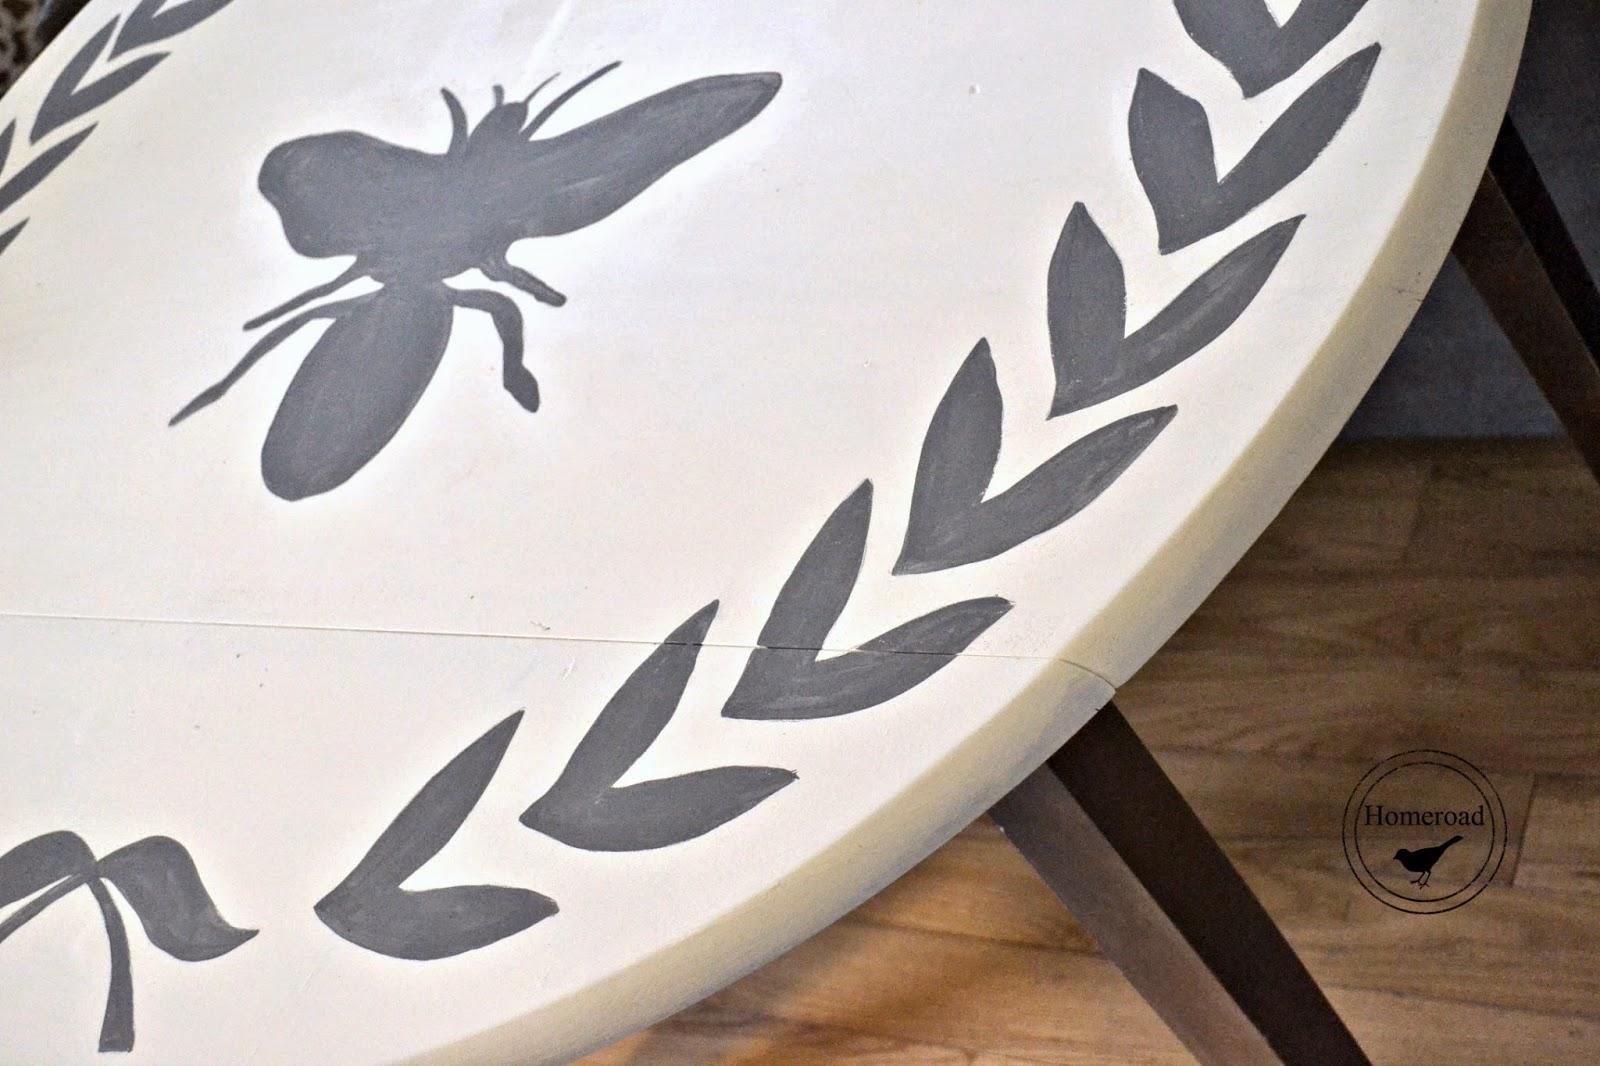 bee and wreath drop leaf table www.homeroad.net